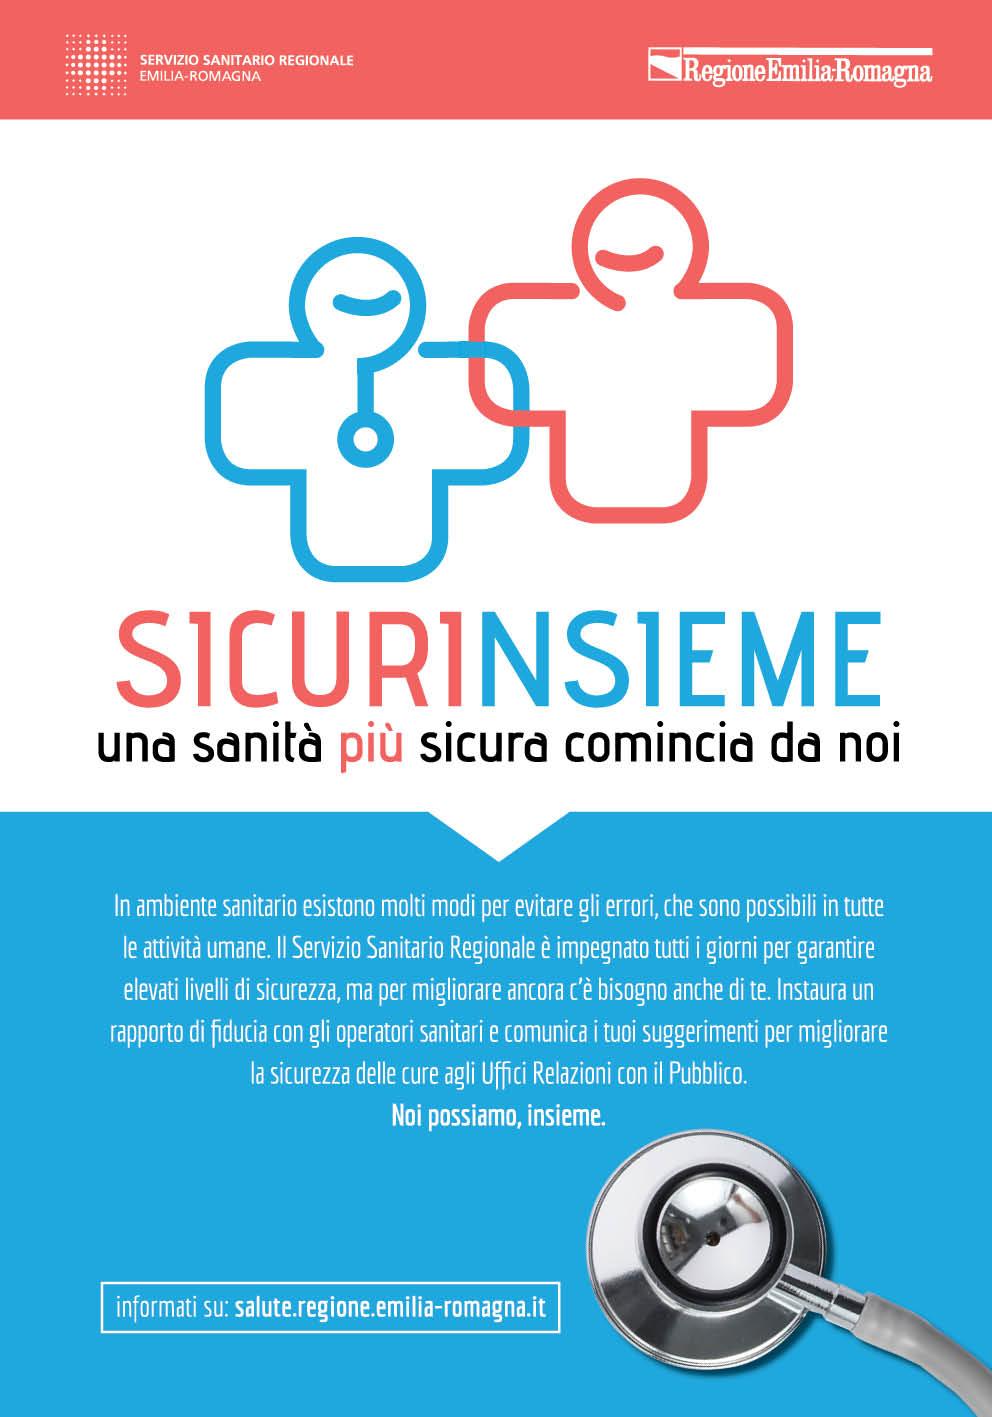 Sicurezza delle Cure: il 17 settembre, la Ghirlandina e l'Ospedale di Sassuolo si illuminano di arancione